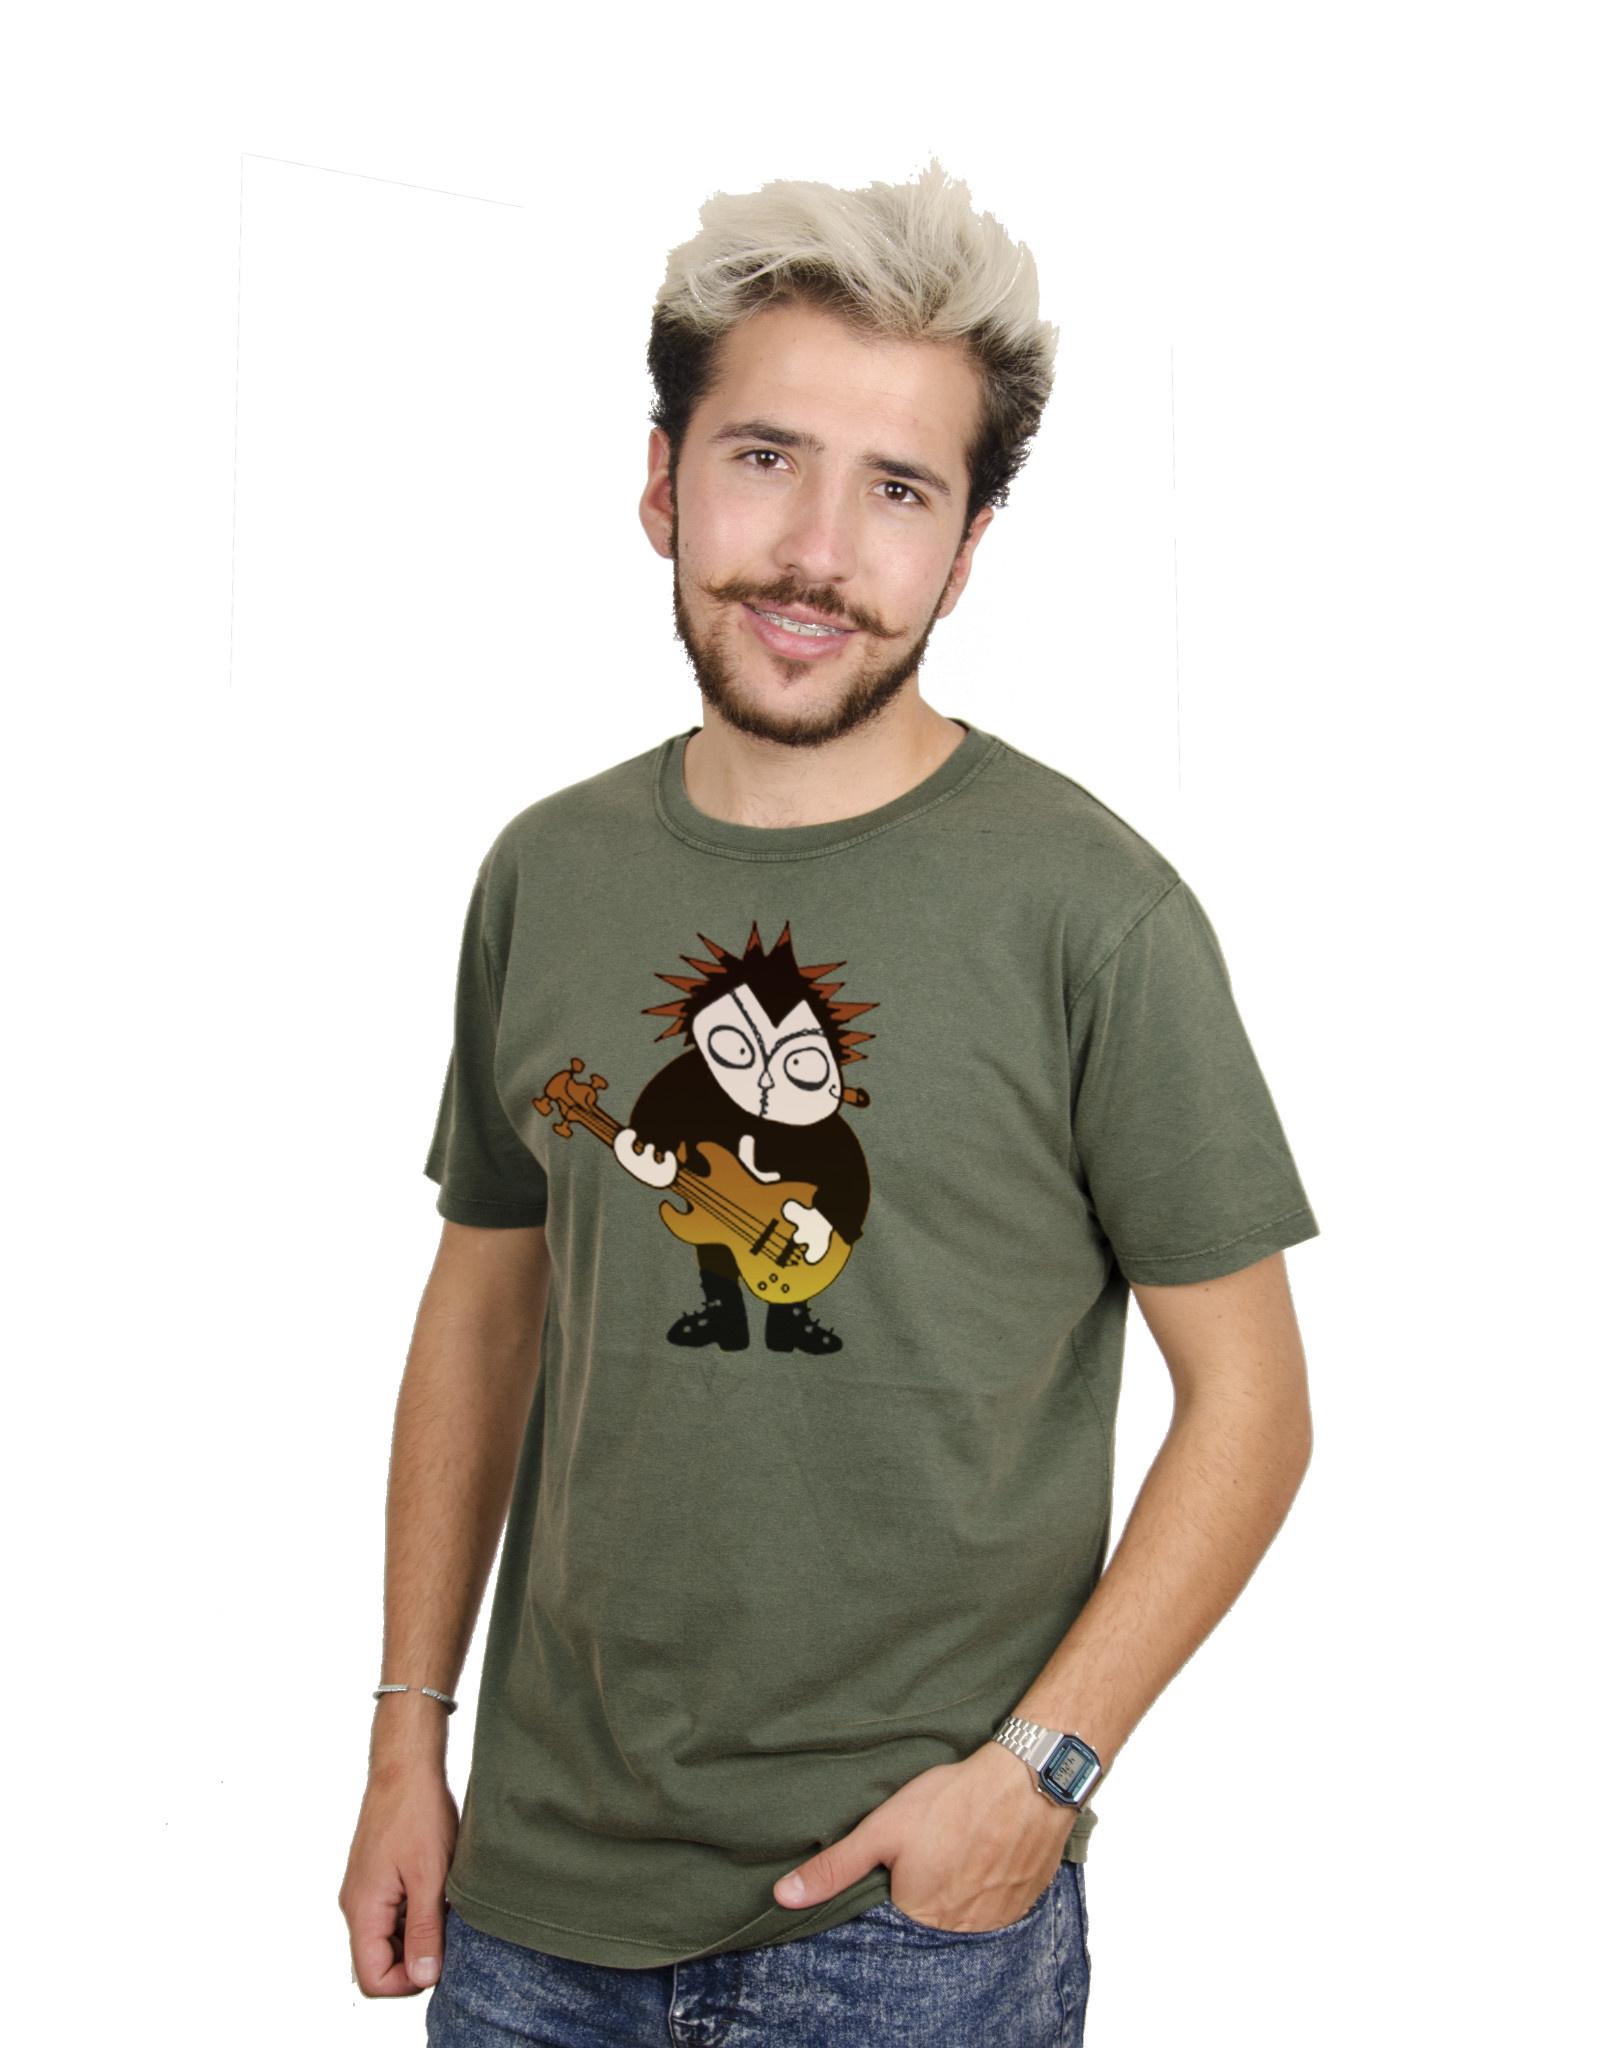 Punk T-shirt - Jersey